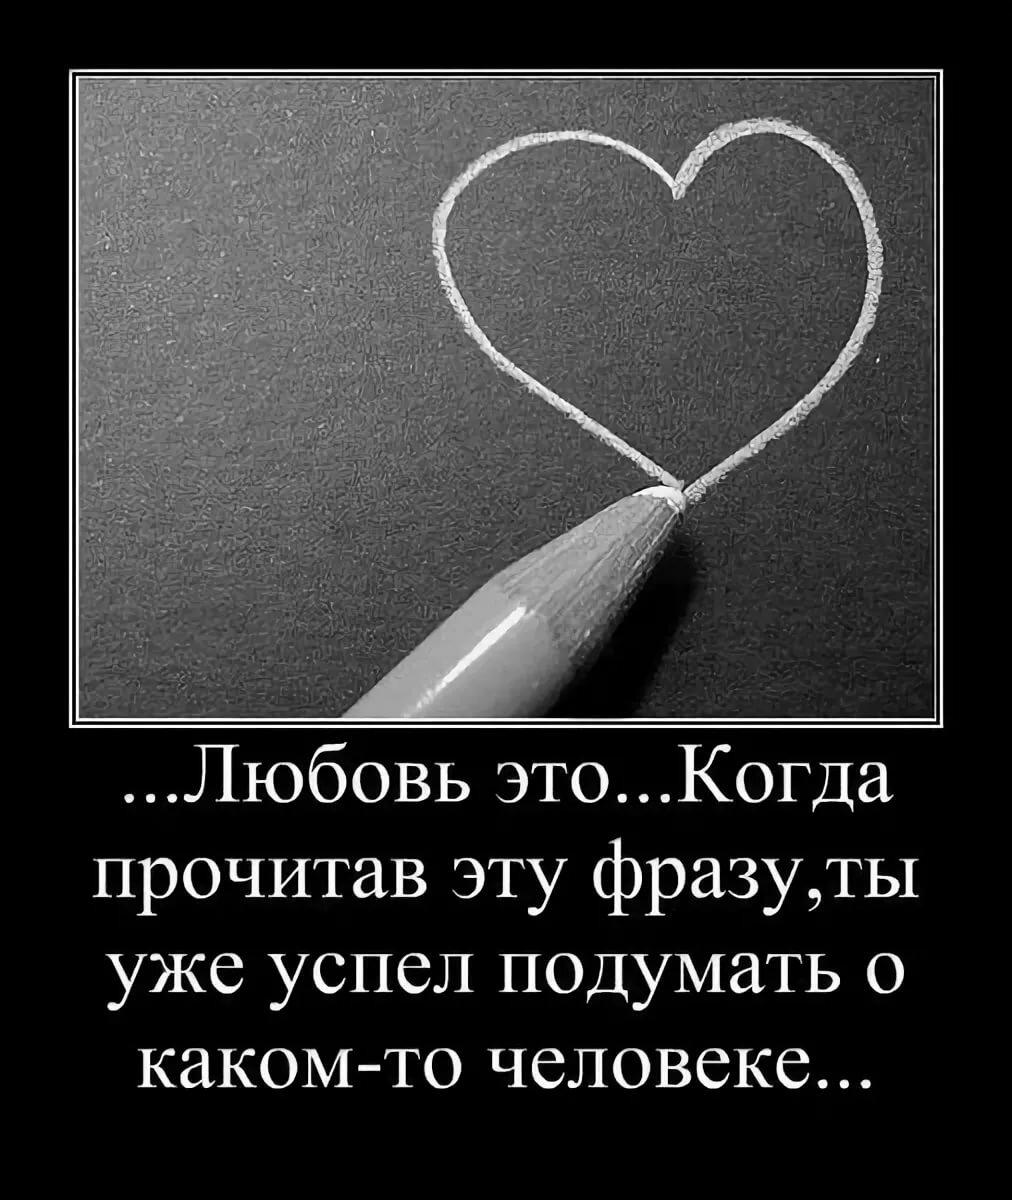 Картинки со словами про любовь со смыслом, лет совместной